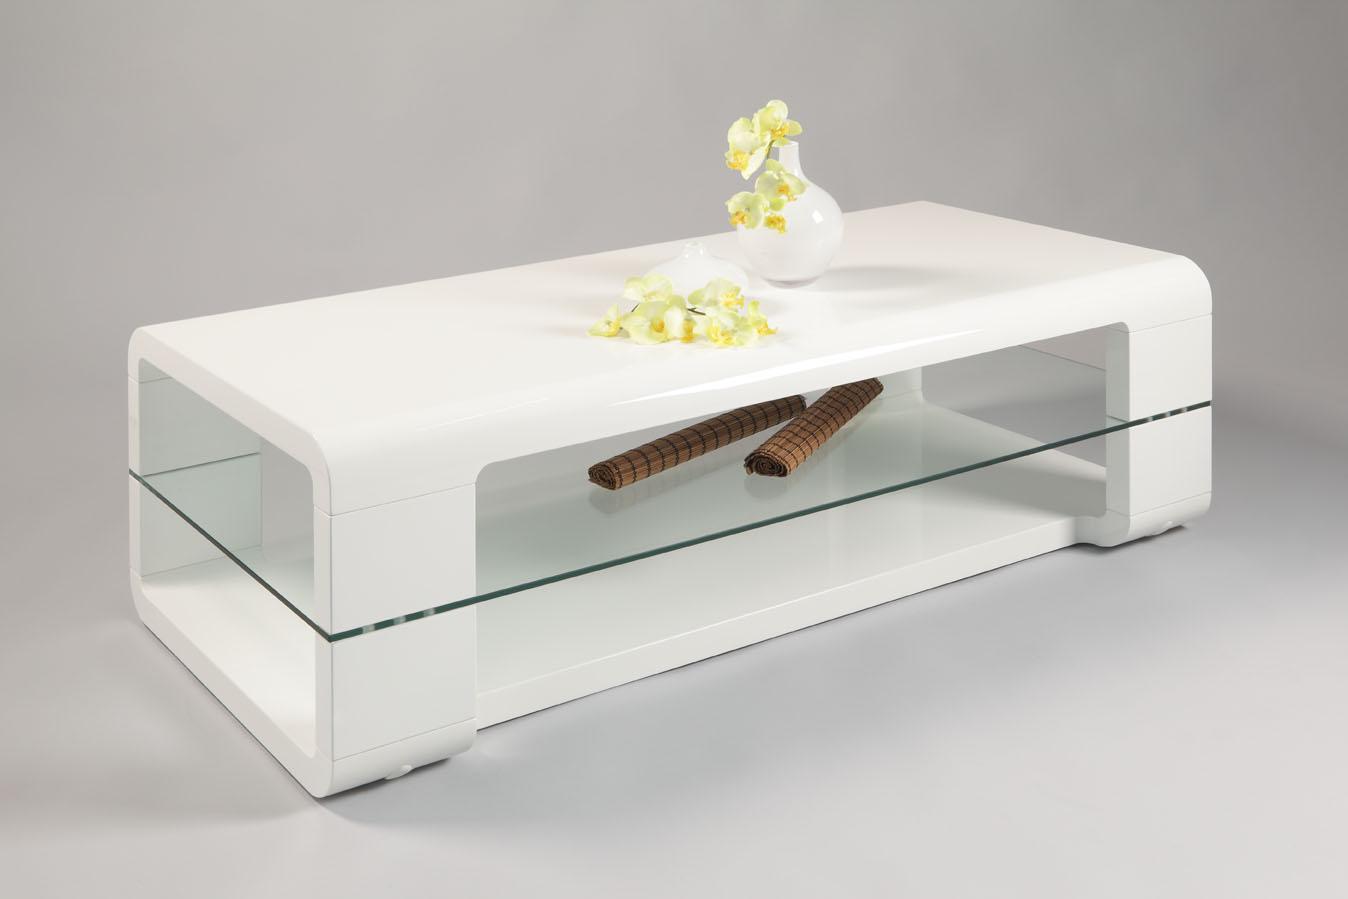 Couchtisch wohnzimmertisch andrea 60x60 cm hochglanz weiss for Couchtisch 40x40